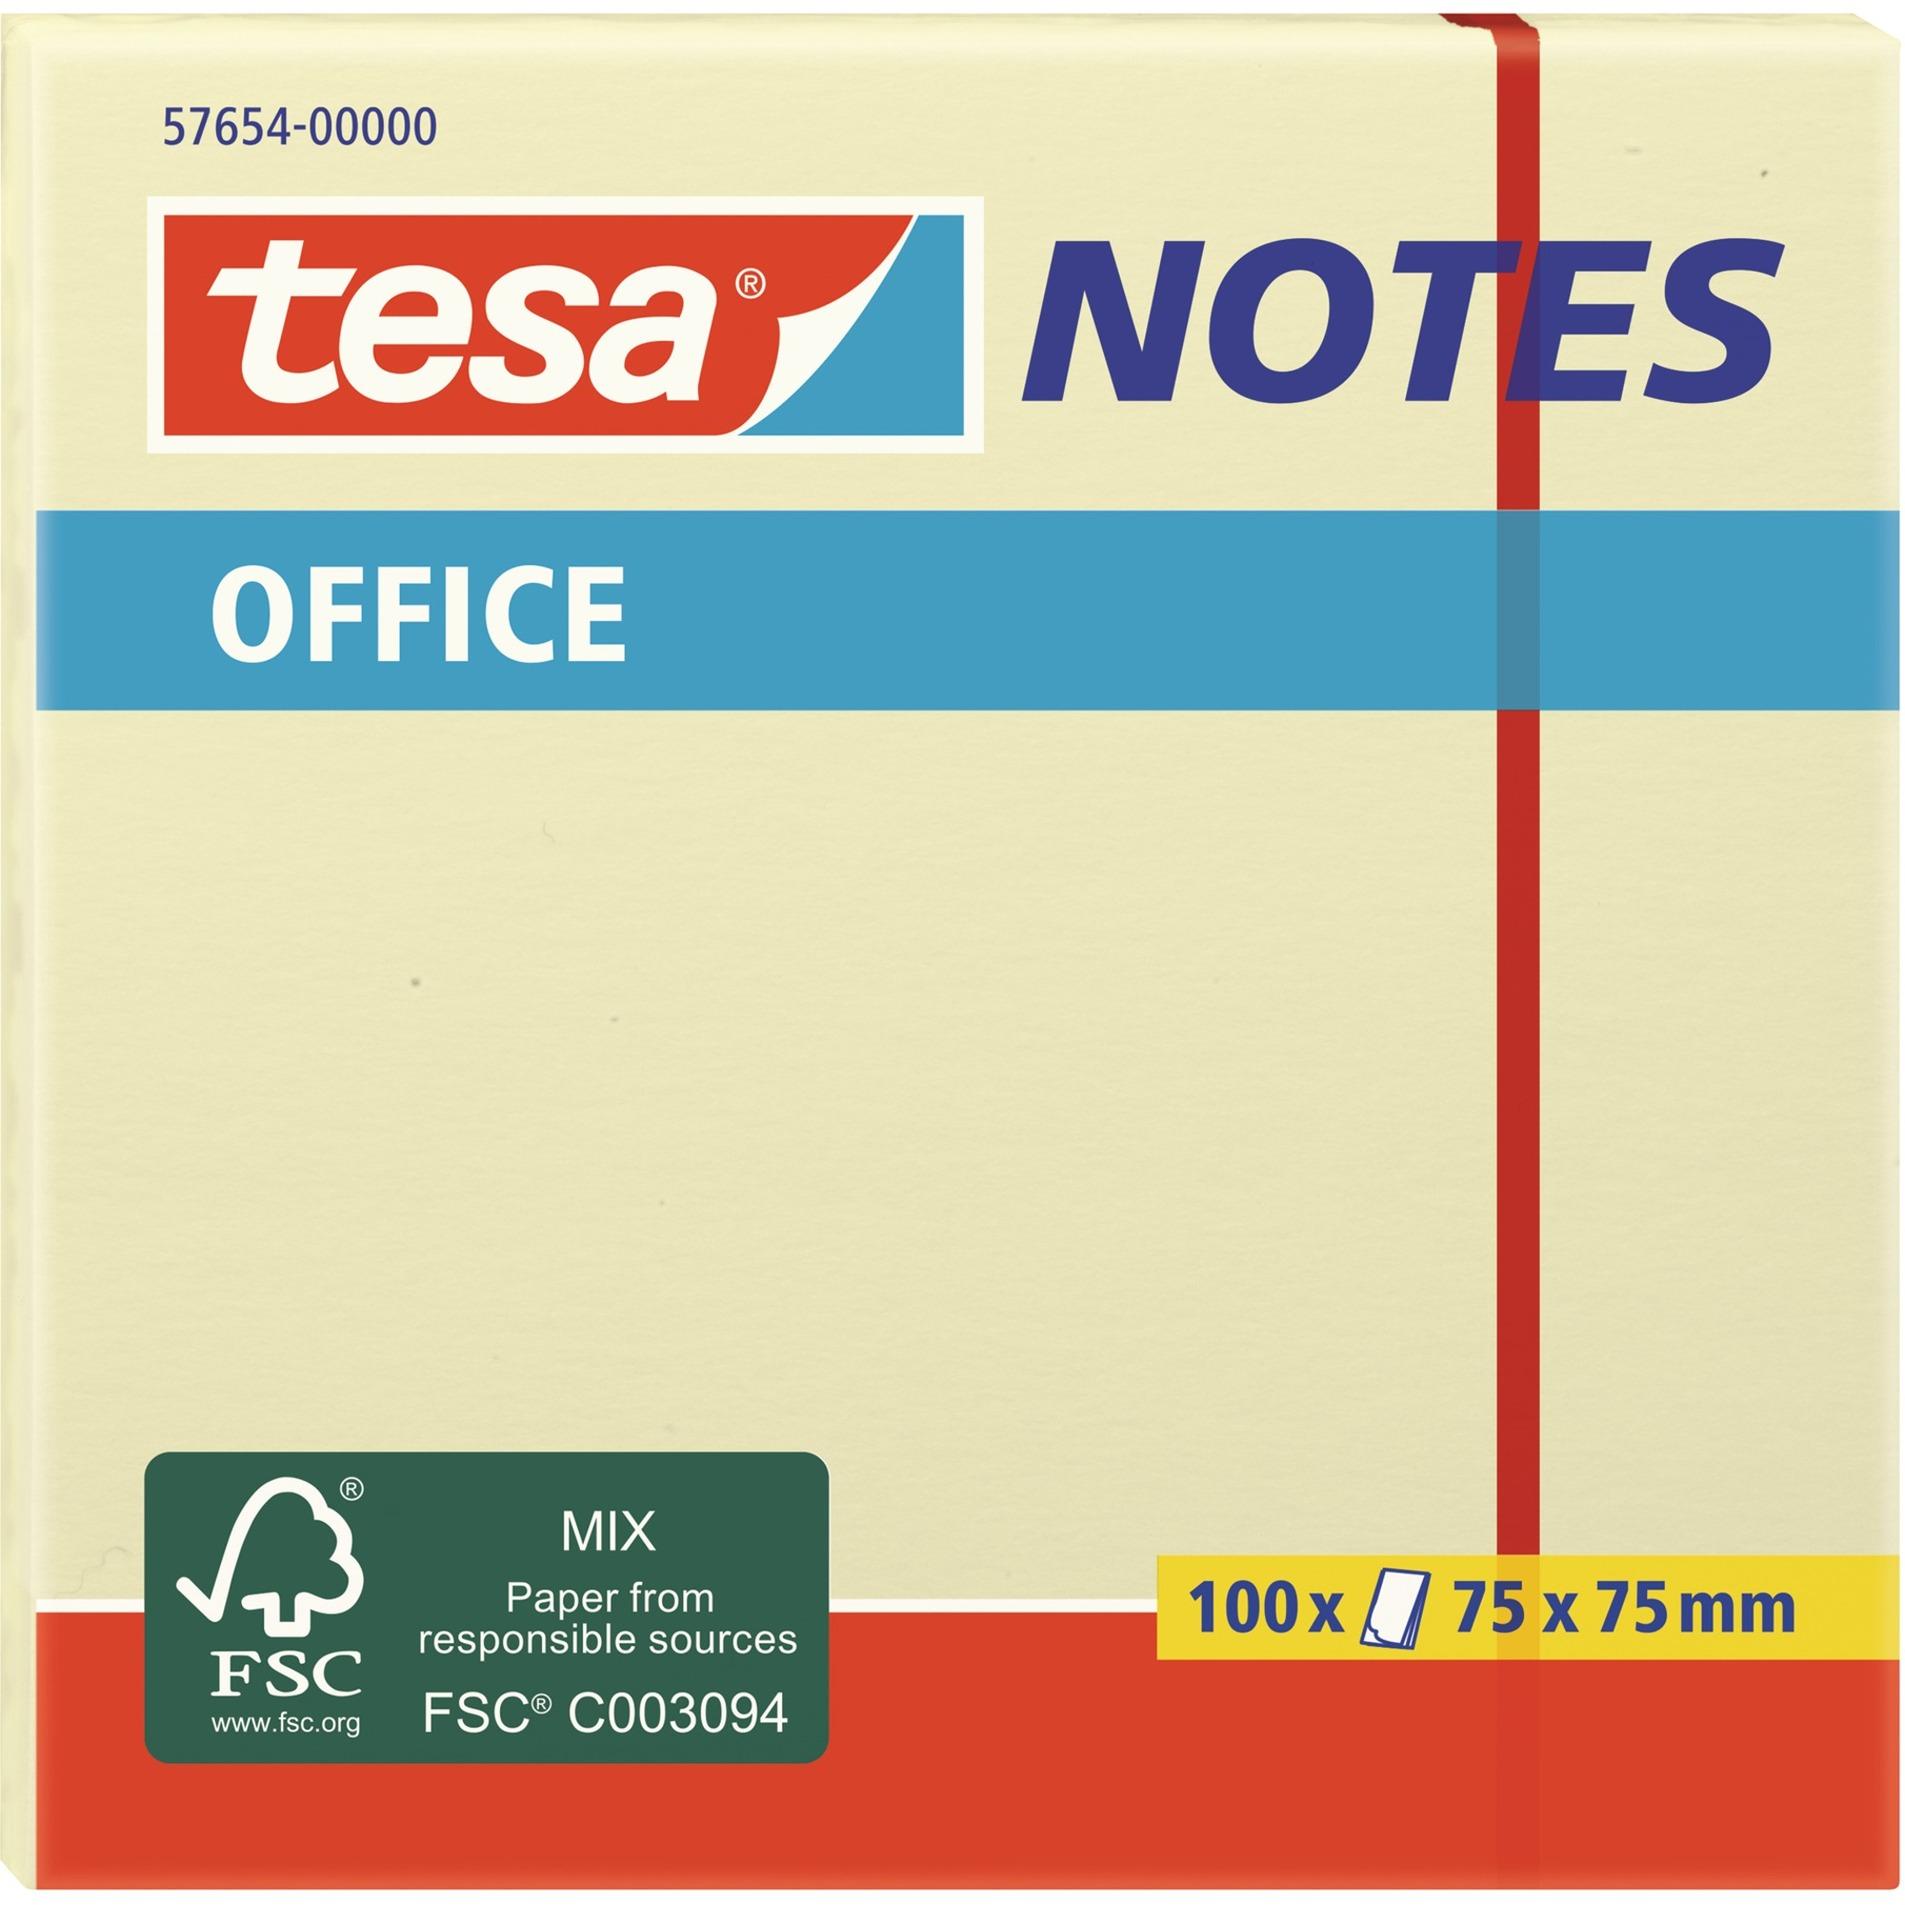 Image of Office Notes 100 Blatt, gelb, Aufkleber